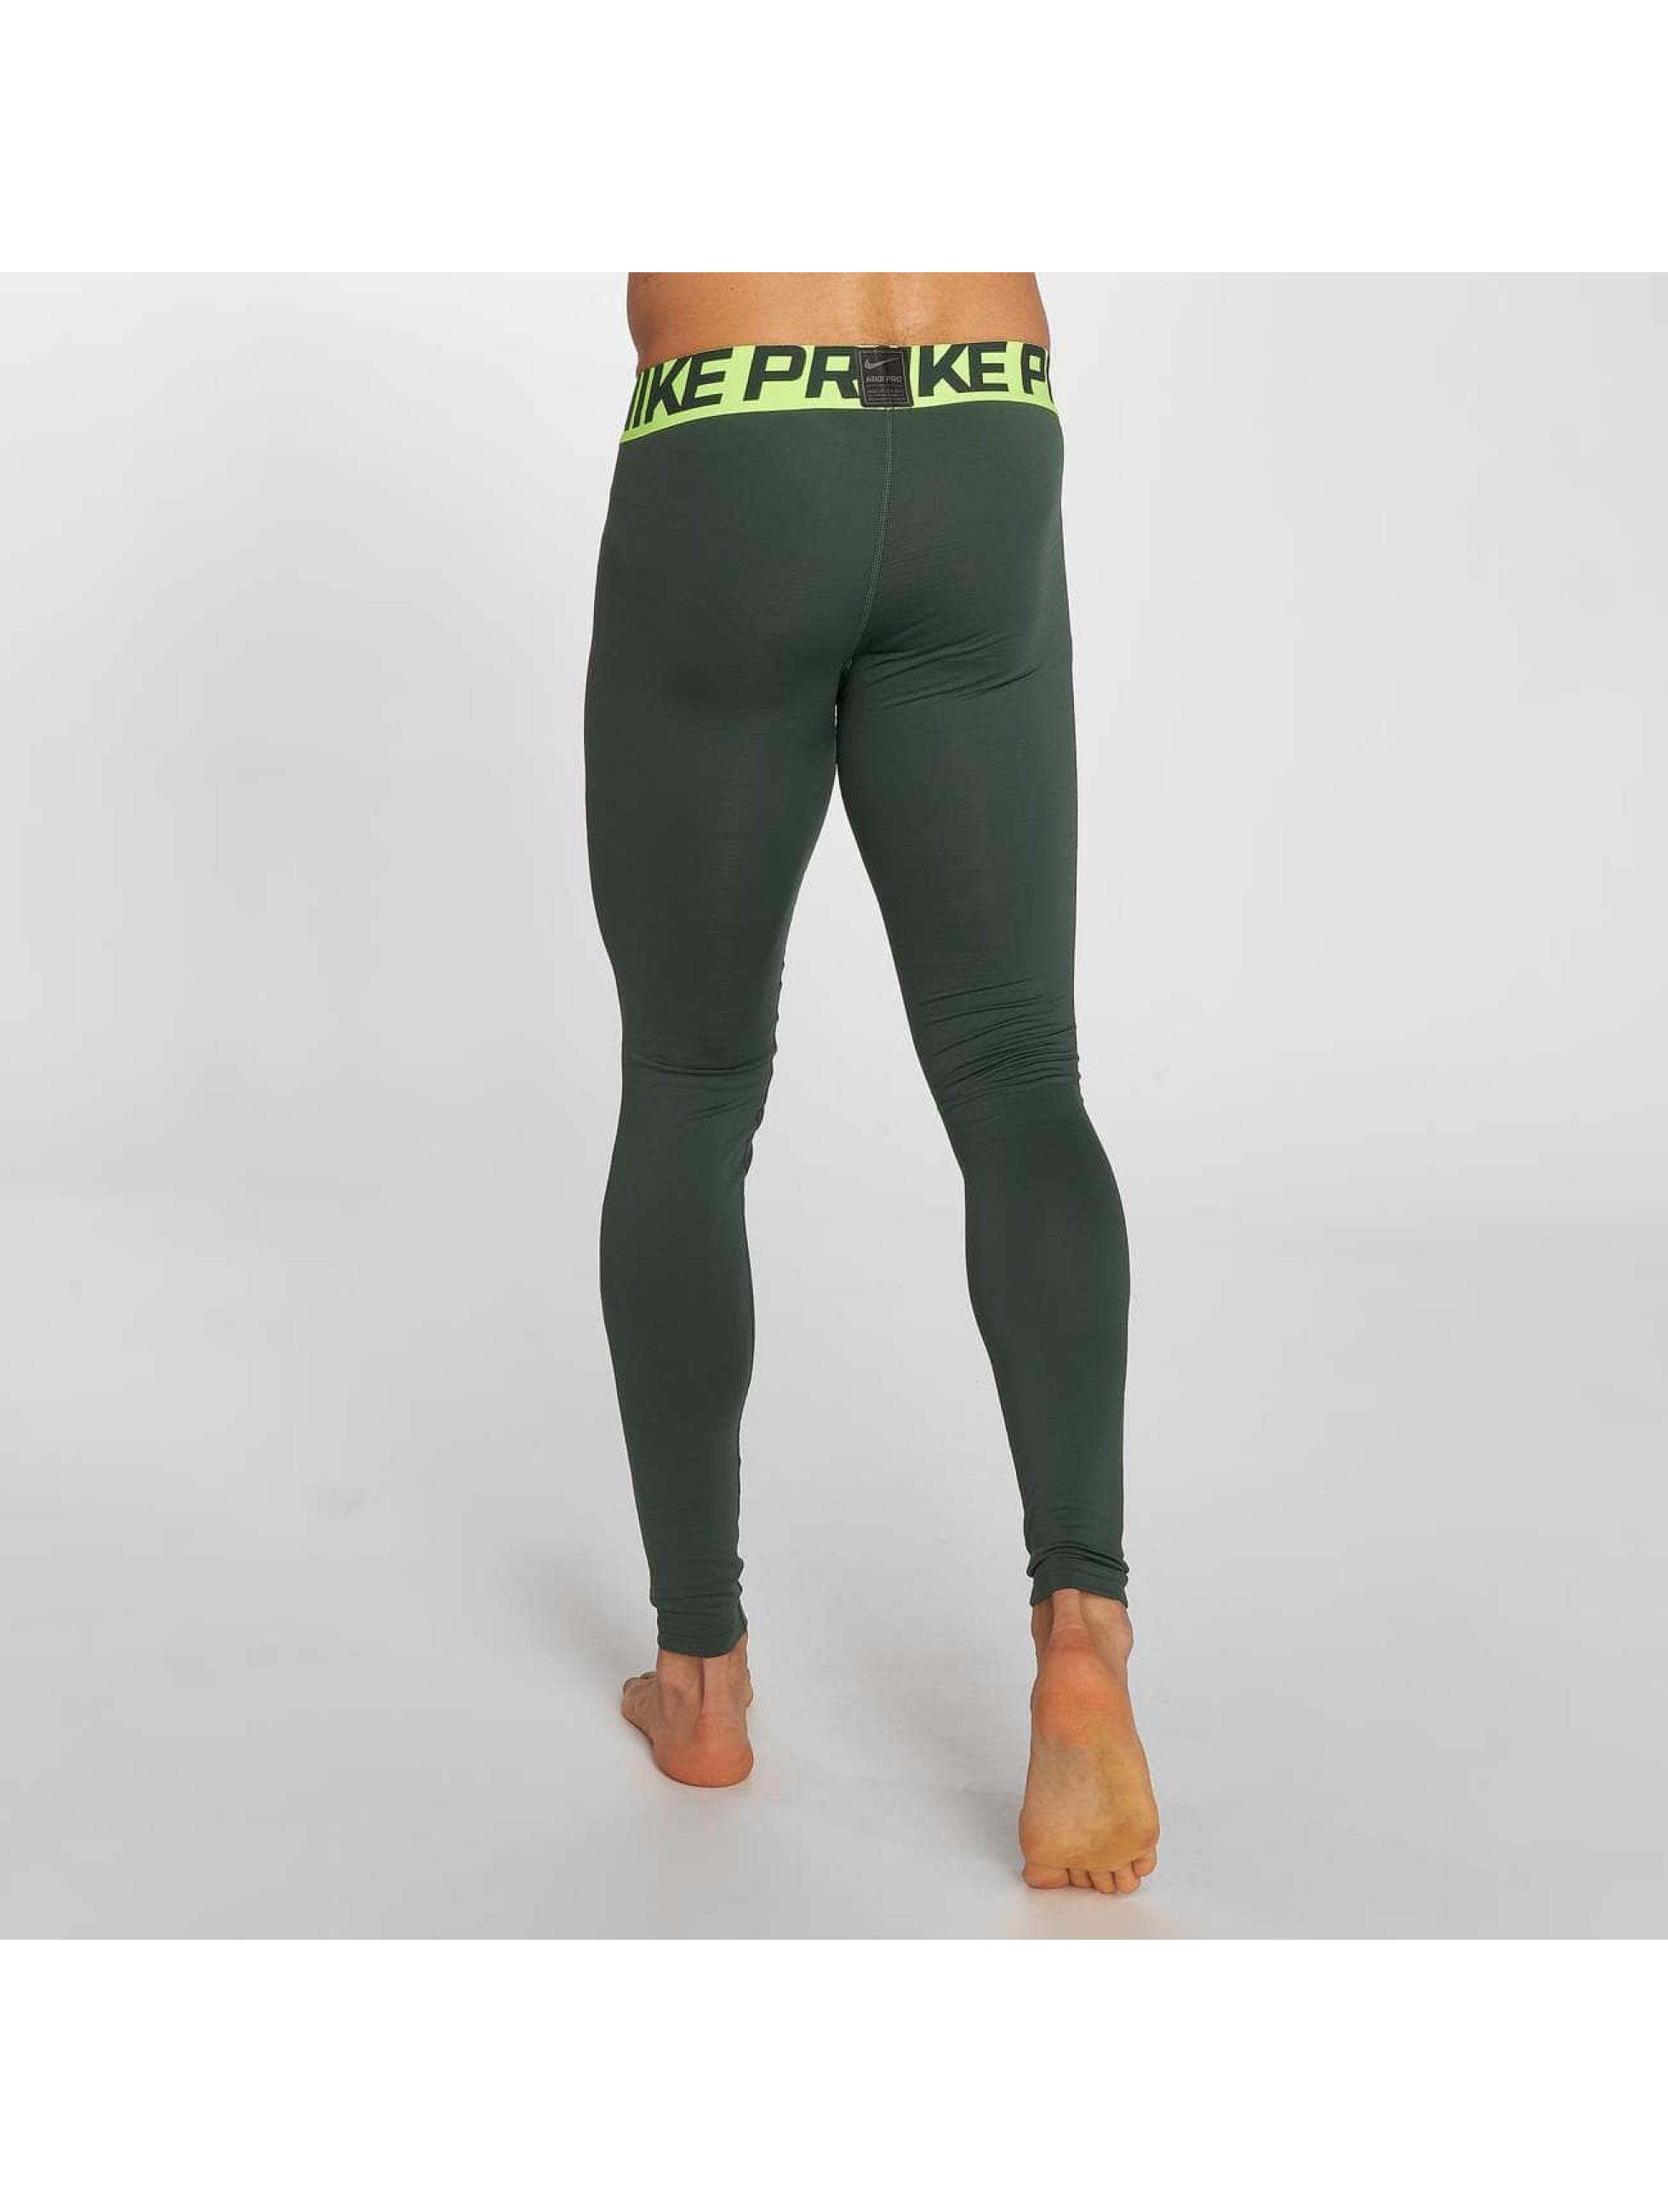 Nike Performance Legging/Tregging Pro Warm oliva